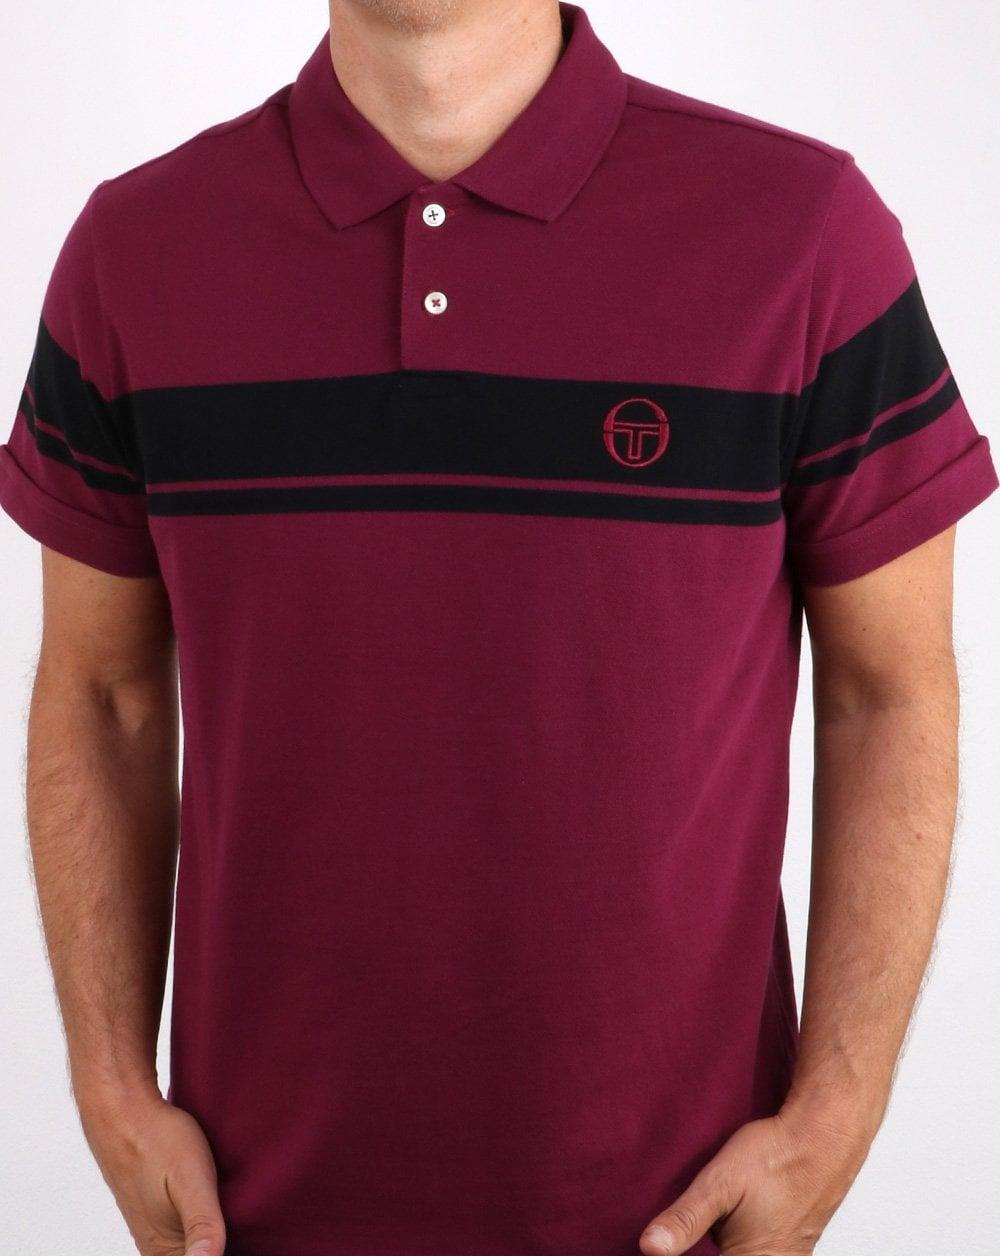 f5495365 Sergio Tacchini Sergio Tacchini Young Line Polo Shirt Dark Purple/Black